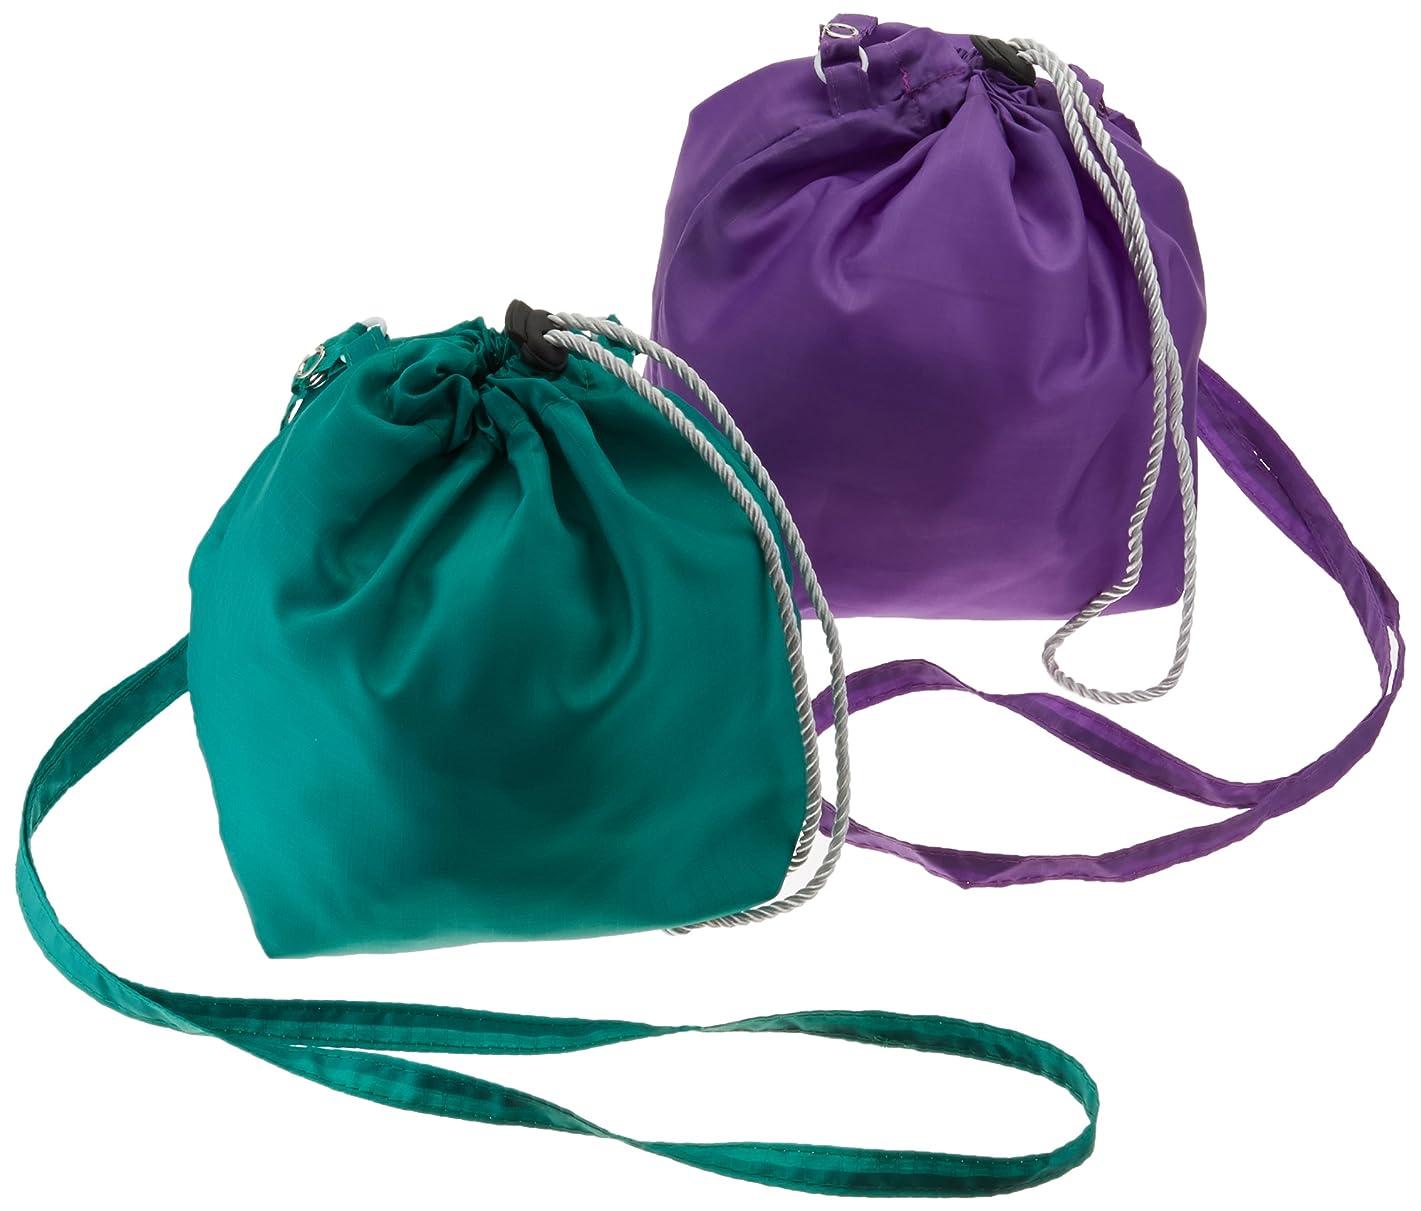 Boye 3401013001M Yarn to Go Bag, 1